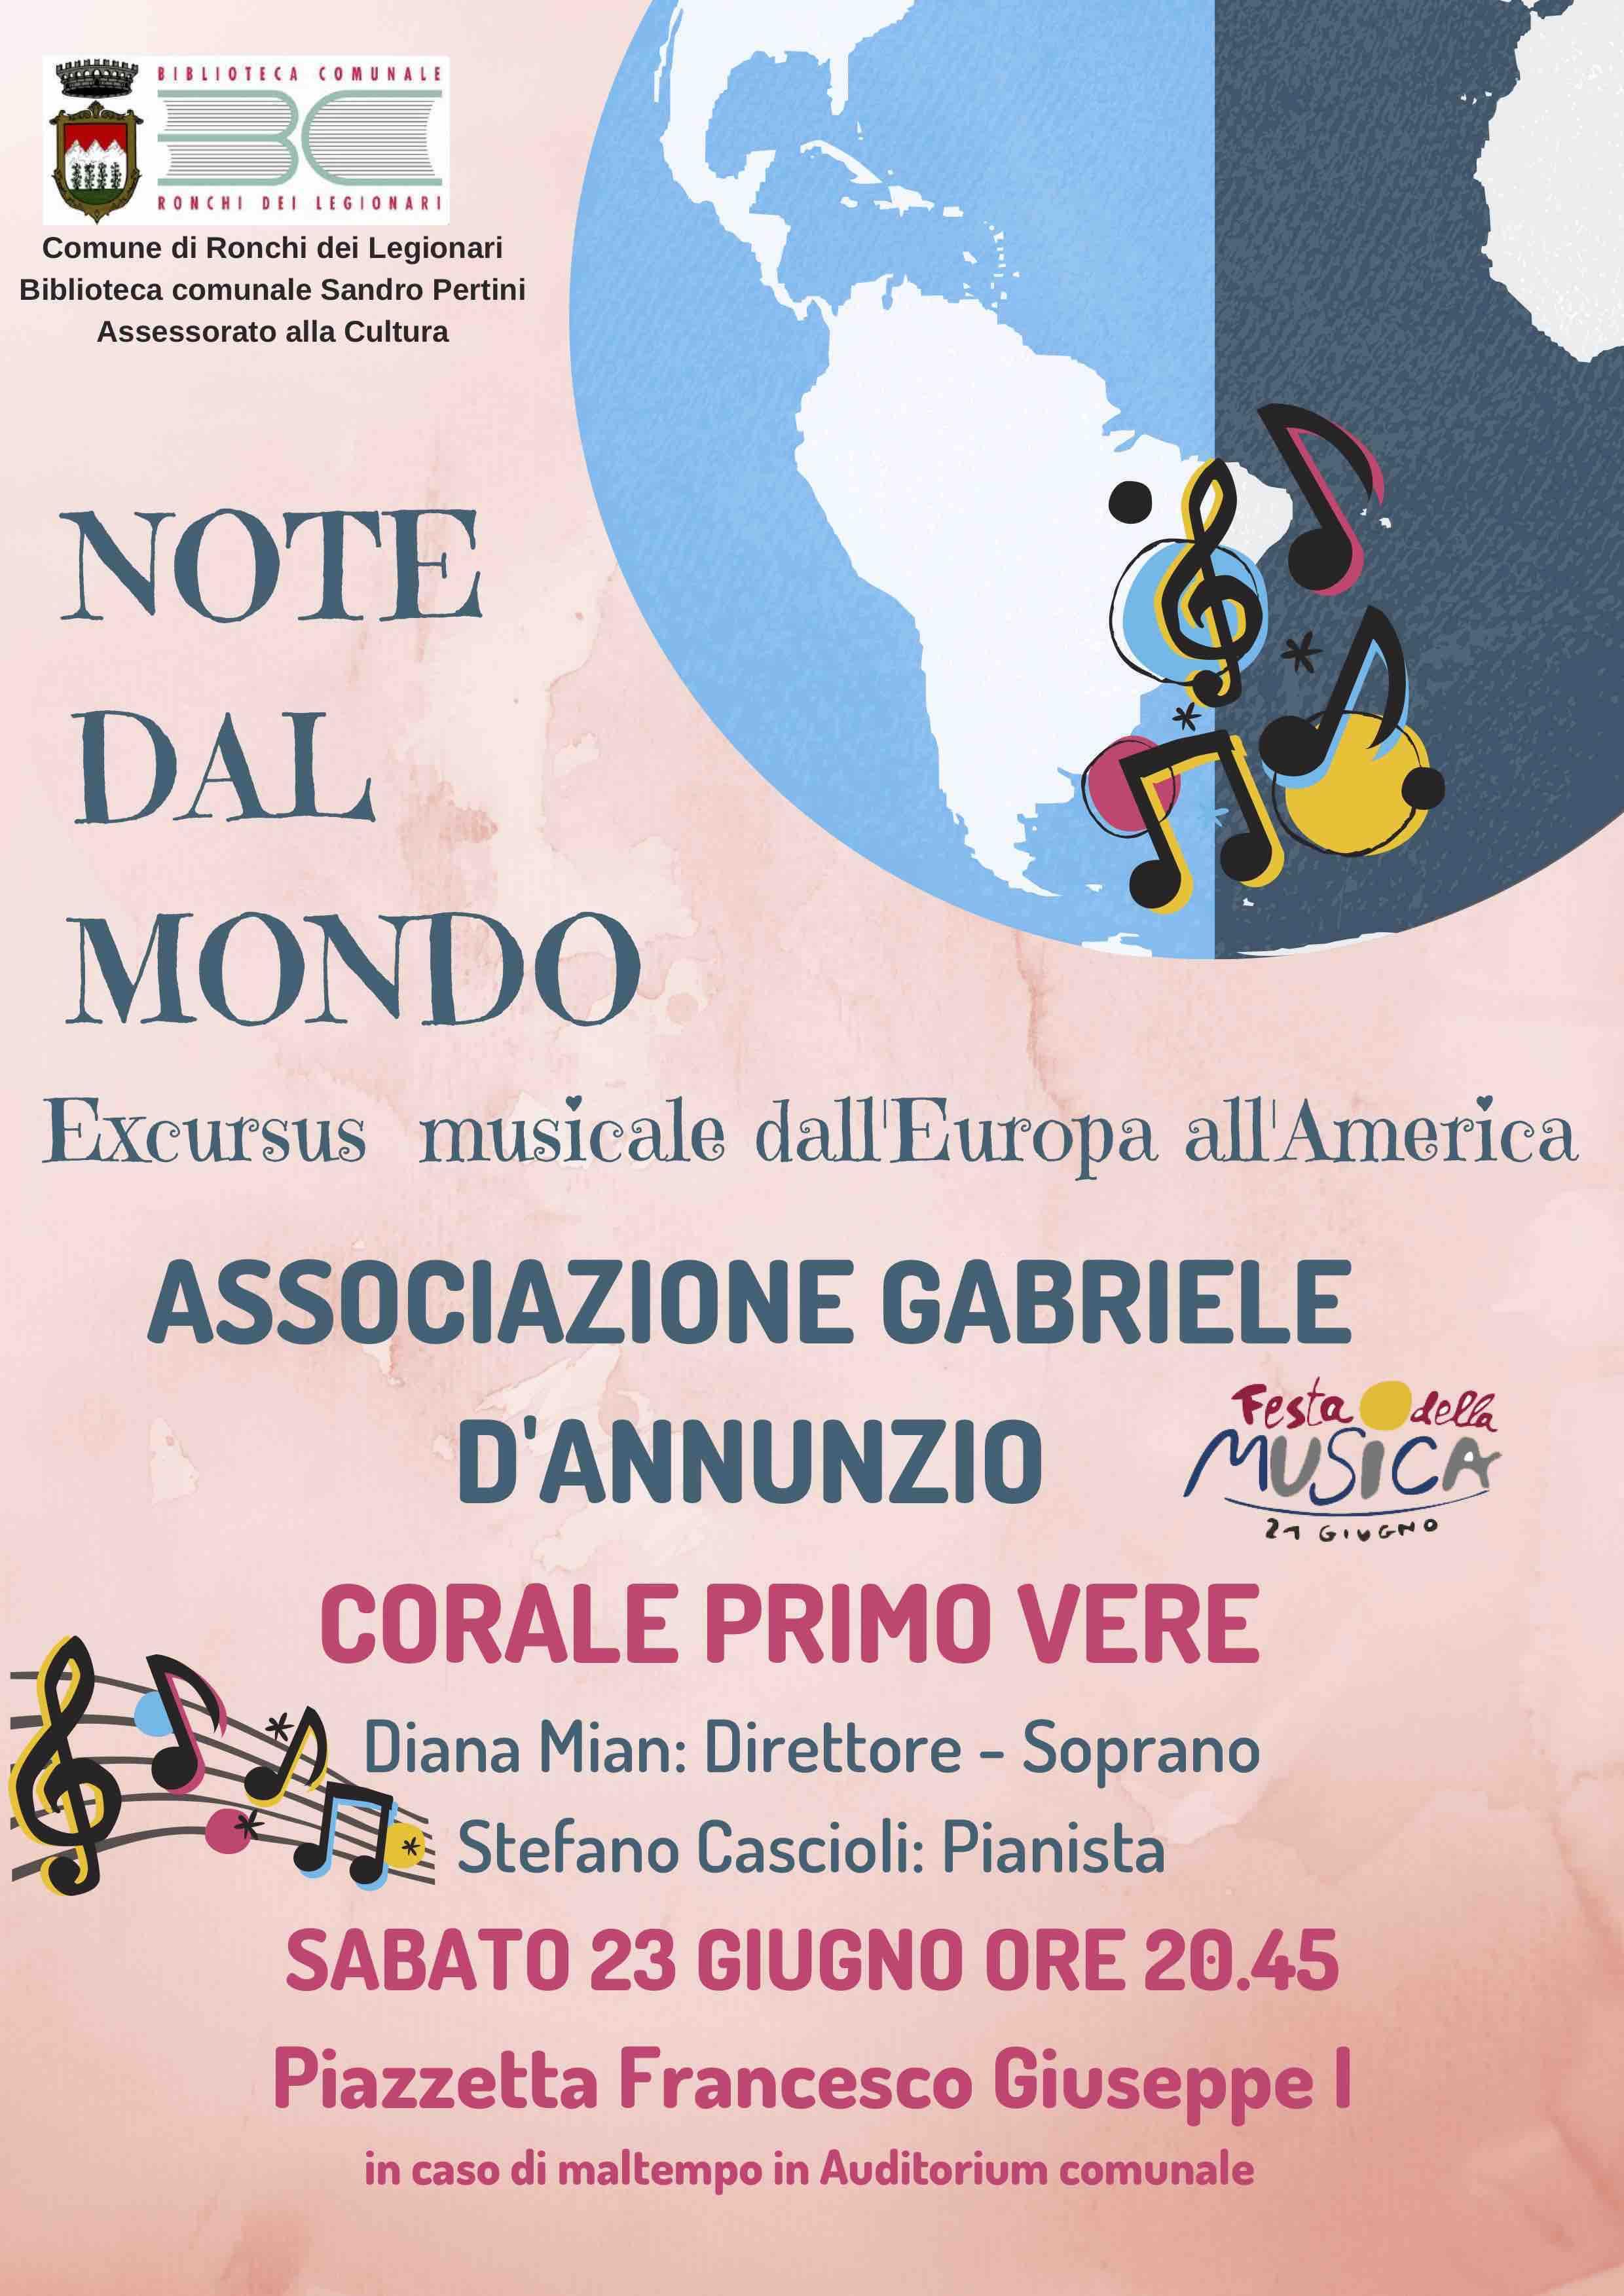 Note dal Mondo - Excursus musicale dall'Europa all'America